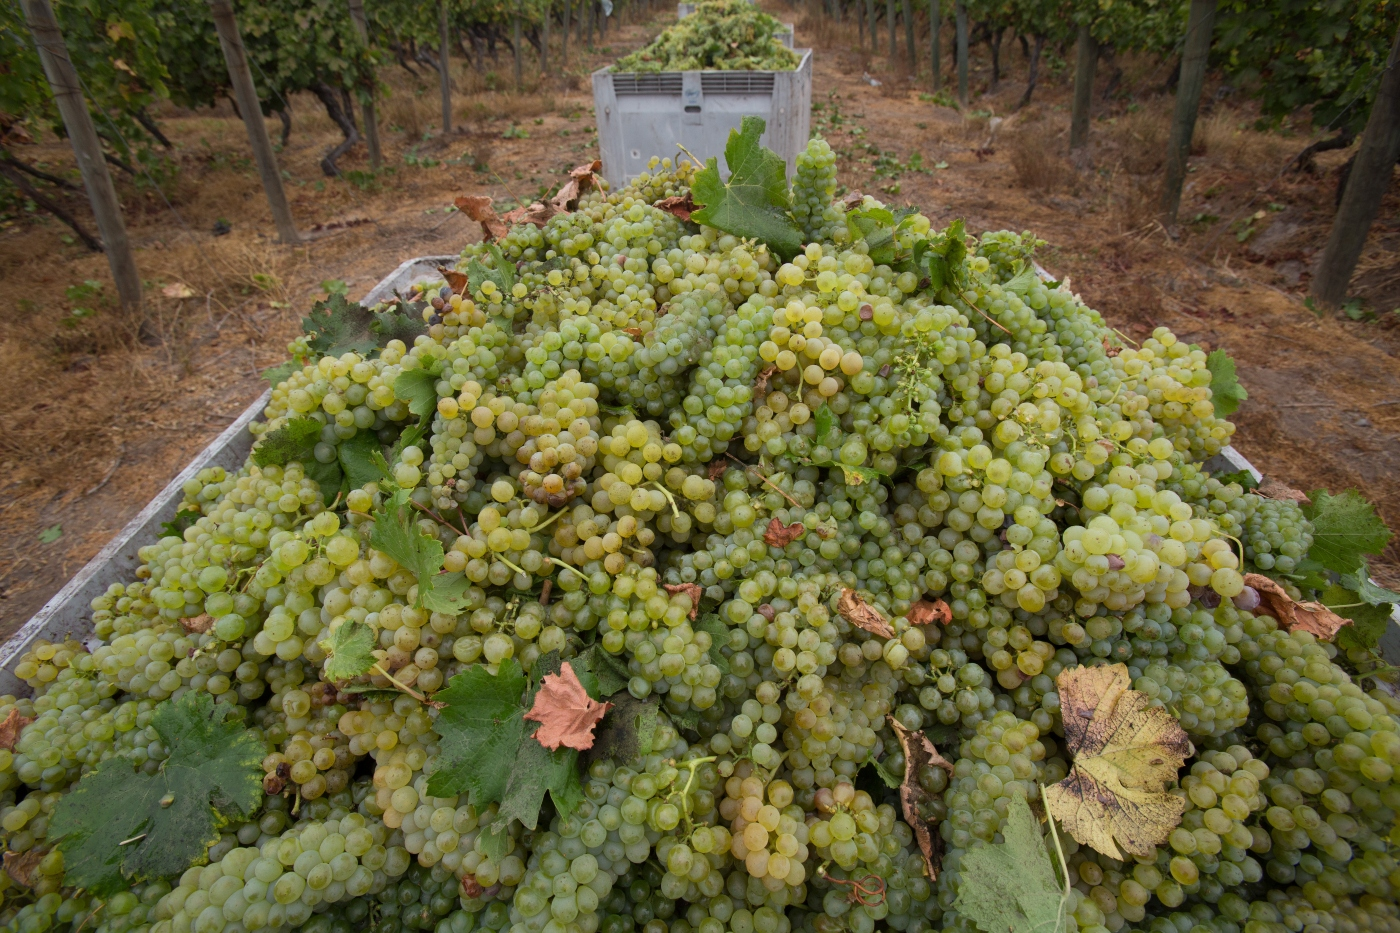 Imagen de una caja lleno de racimos de uva verde recién cosechada